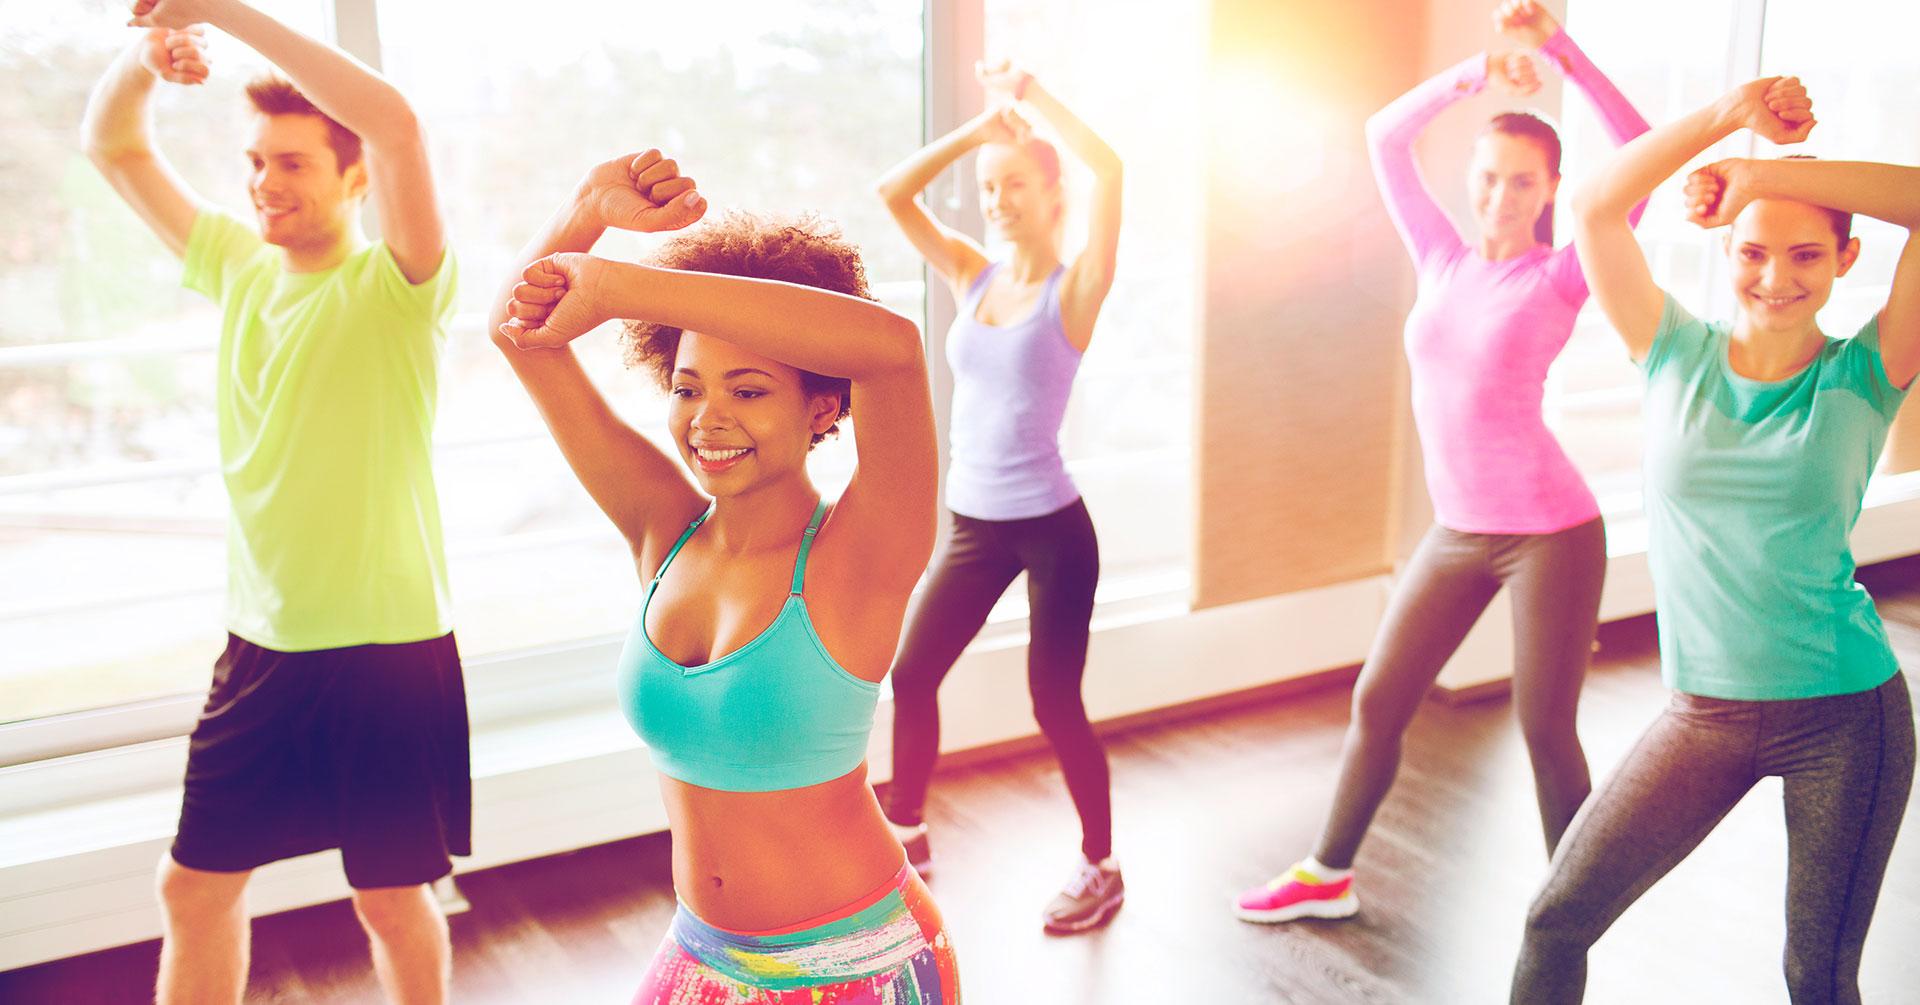 Los beneficios de la zumba que te motivarán a practicarlo